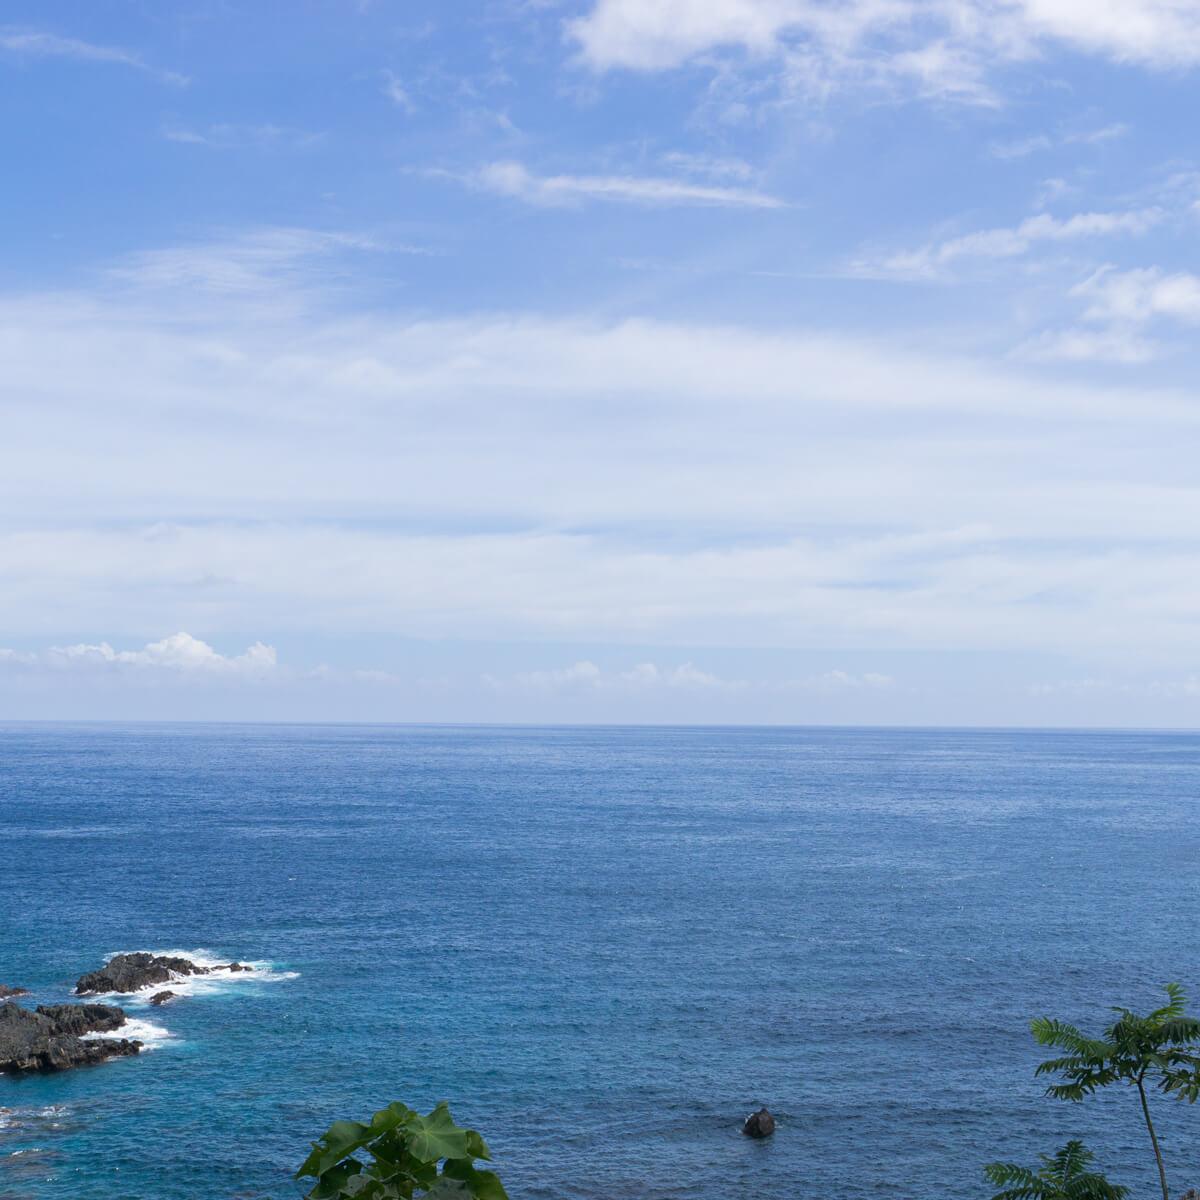 屋久島の海、空 屋久島海とジュエリーと オーダーメイドマリッジリングのモチーフ